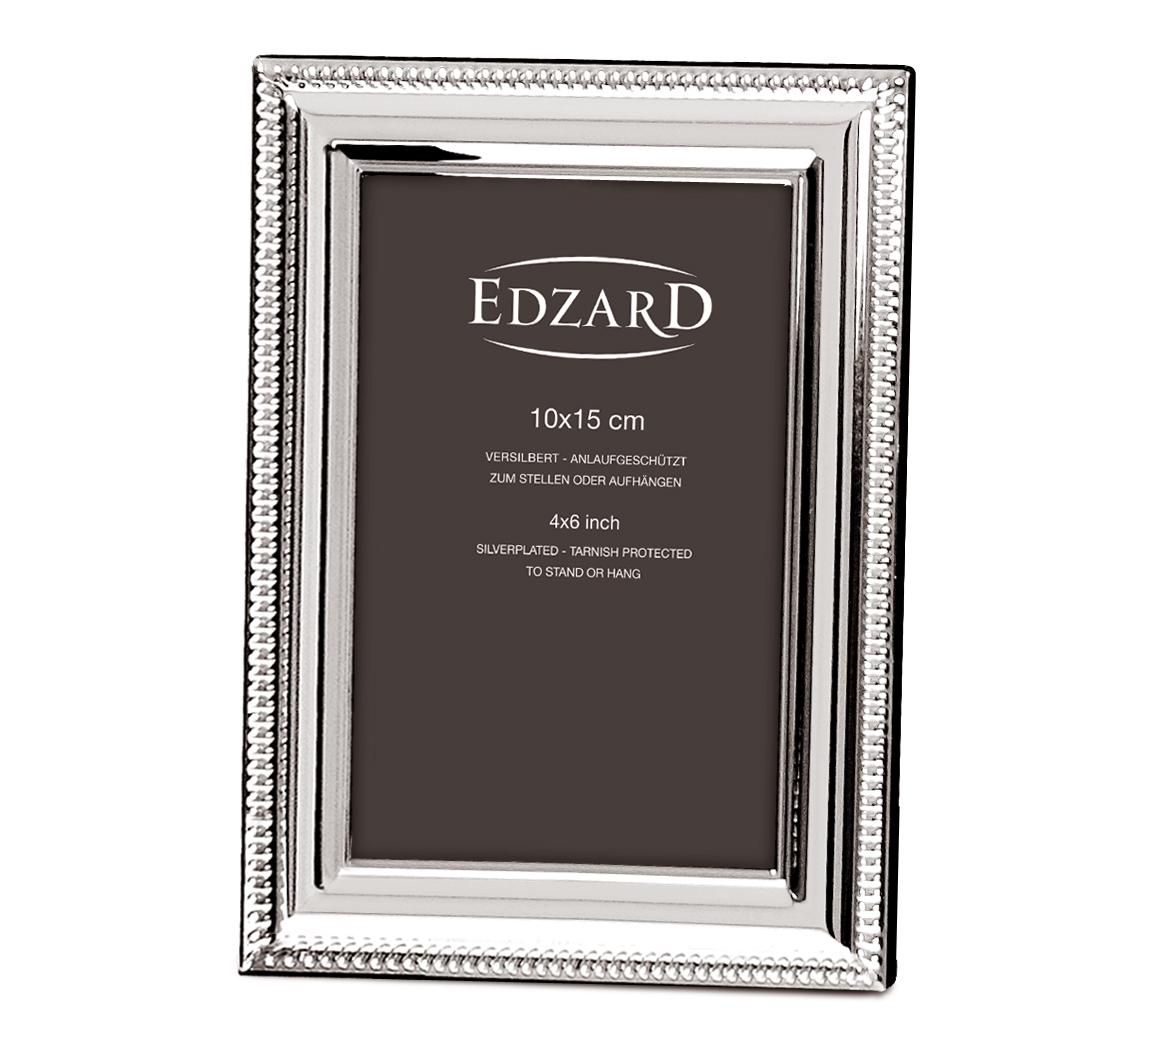 2047 EDZARD Fotorahmen Bilderrahmen Novara für Foto 10 x 15 cm, edel versilbert